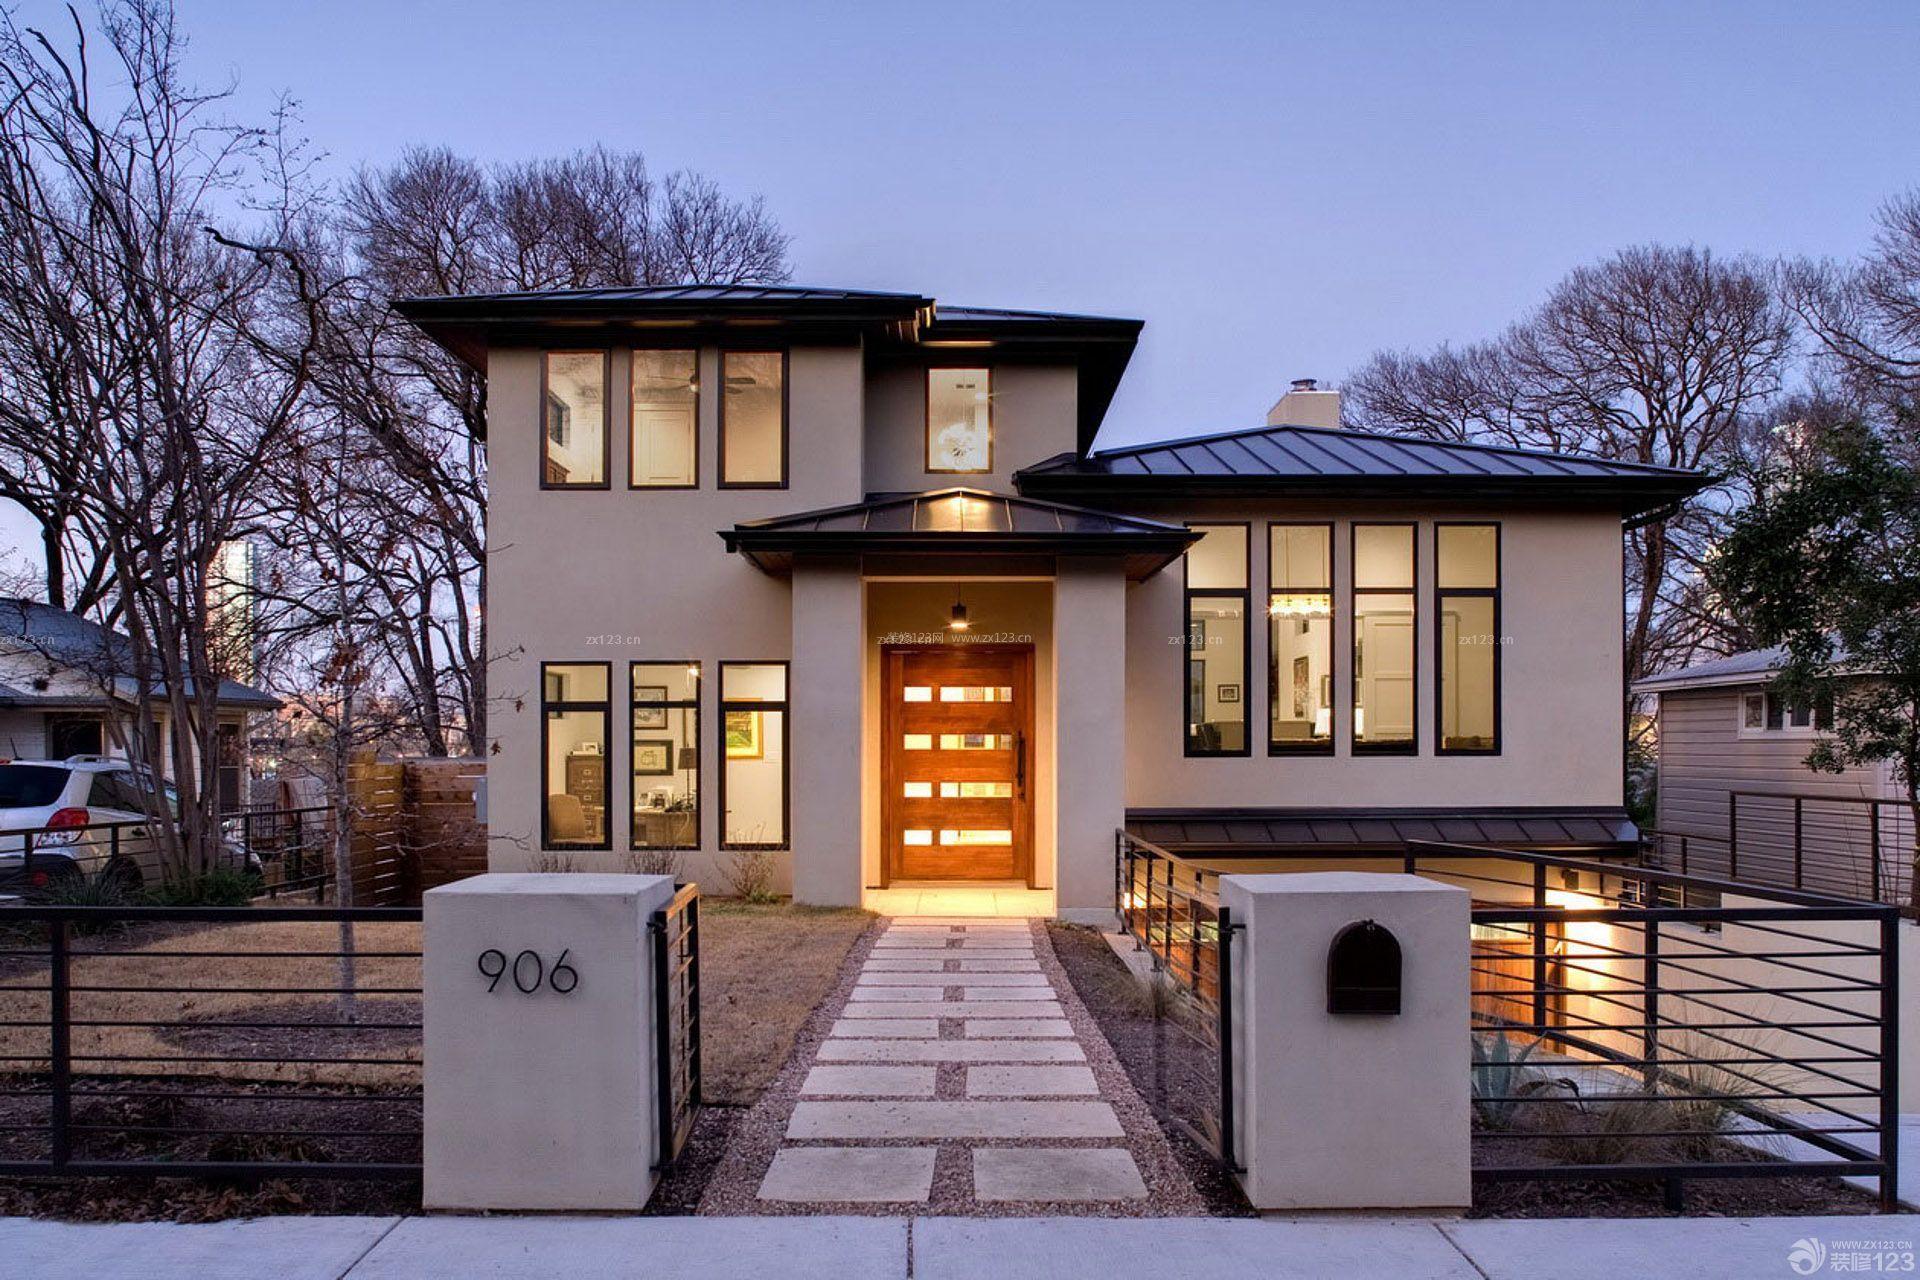 美式别墅装修效果图片大全外景二层